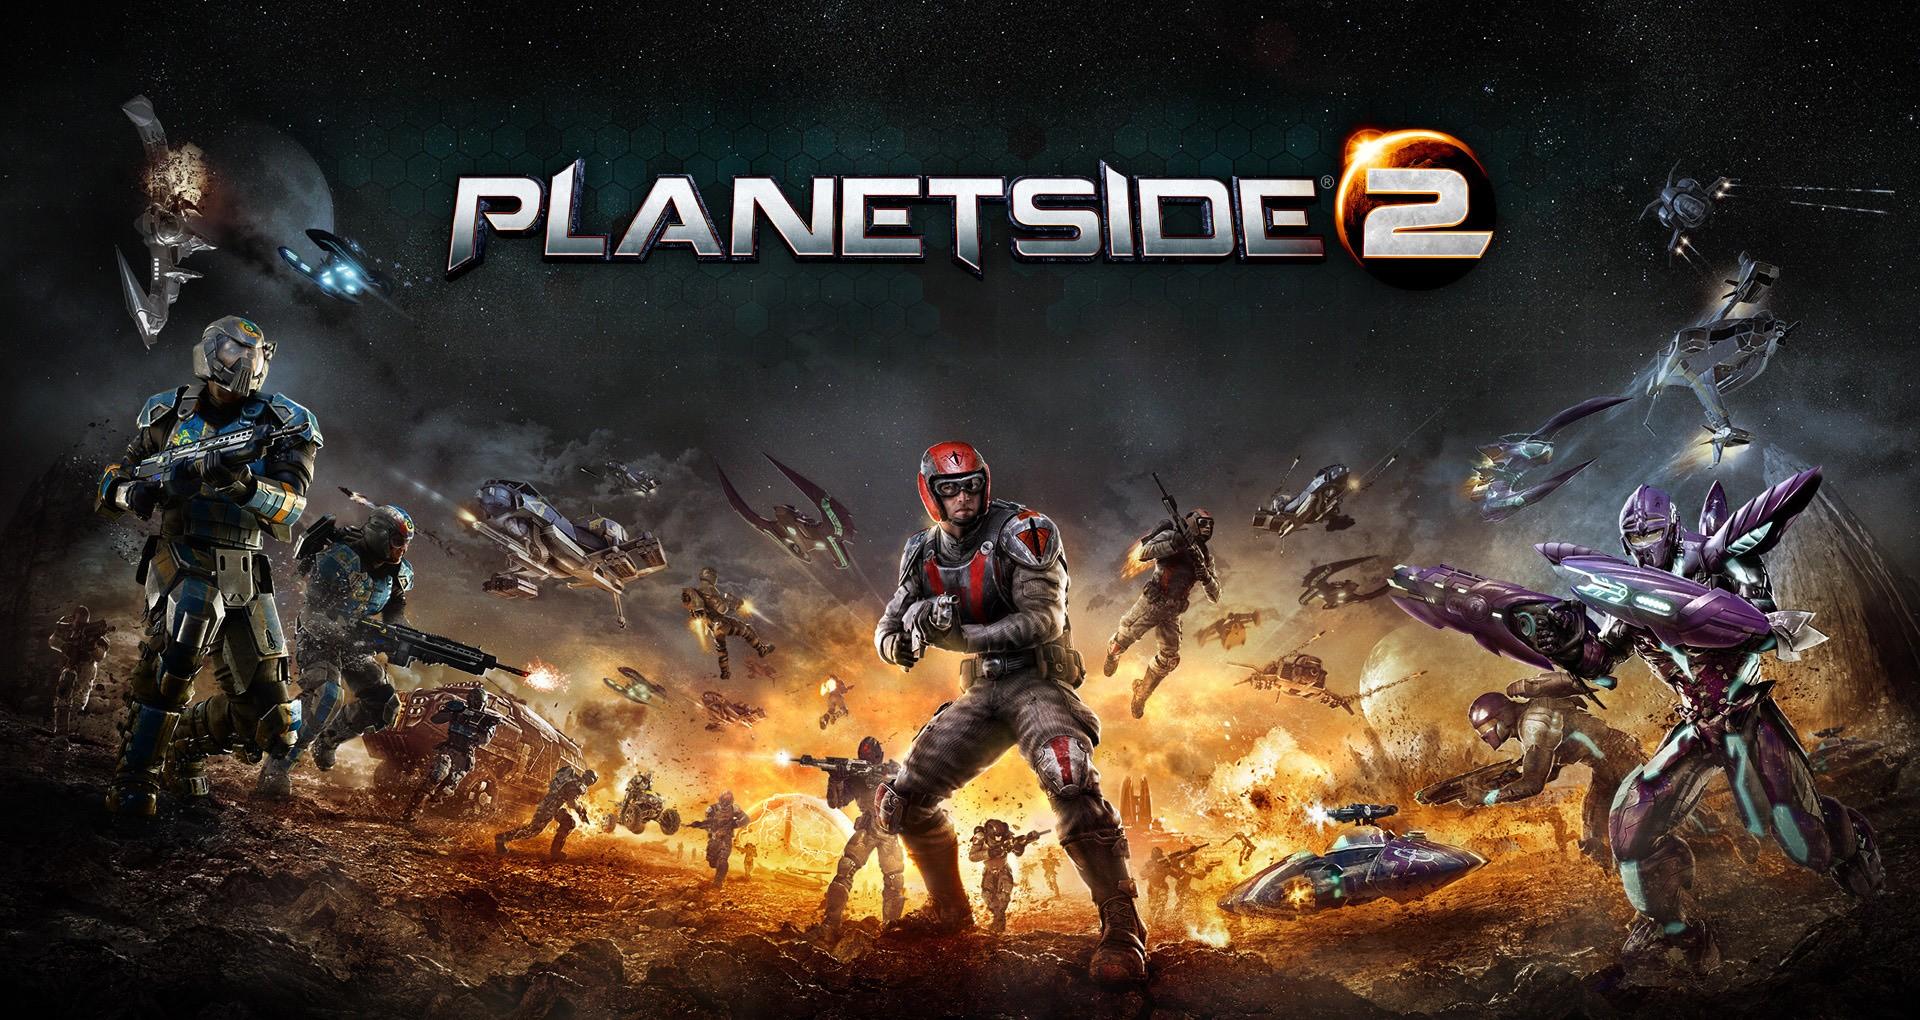 планетсайд 2 официальный сайт берут блотор